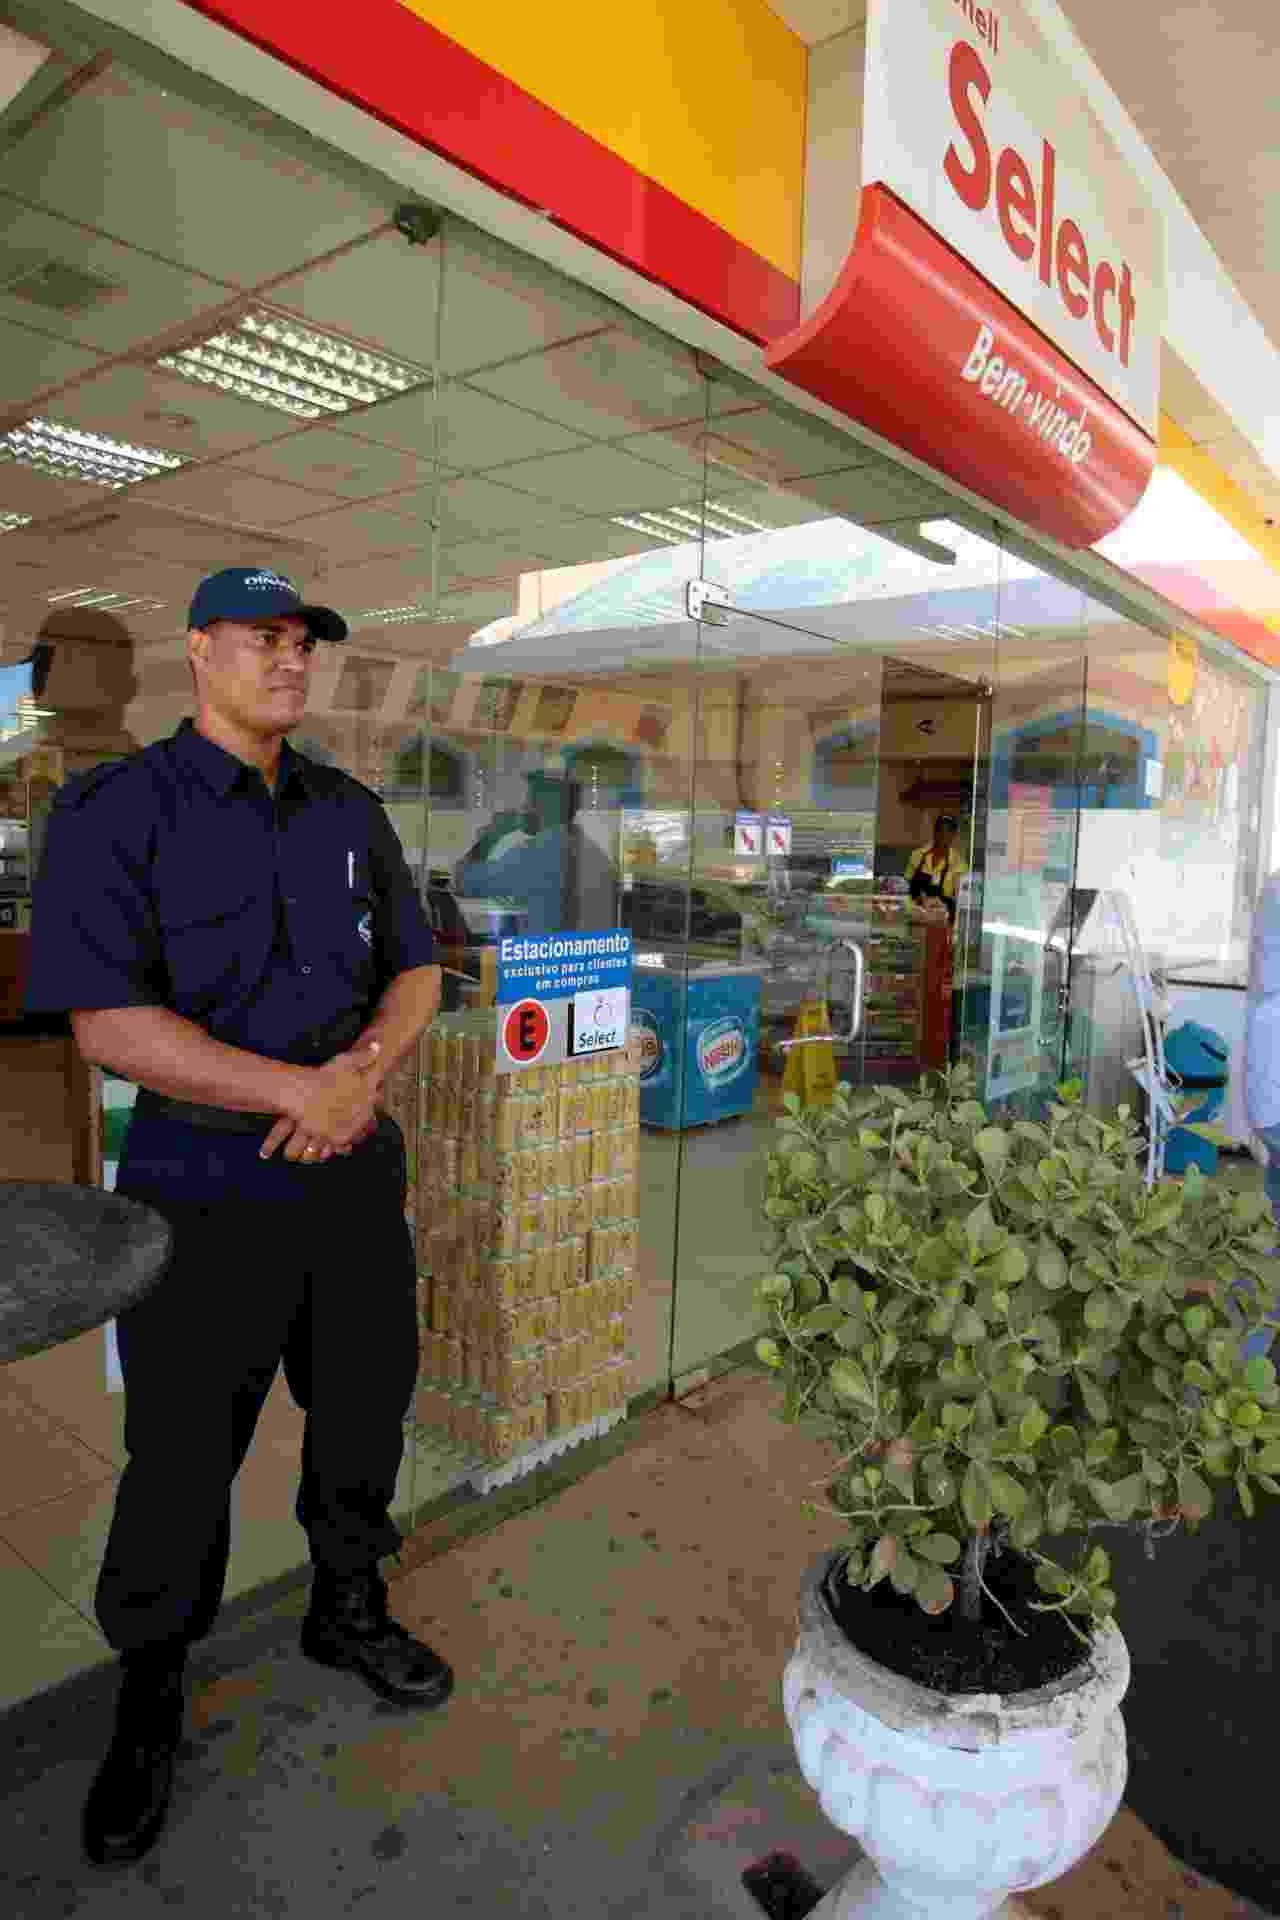 16.abr.2014 - Homem faz a segurança de uma loja de um posto de gasolina em Salvador, nesta quarta-feira (16). Policiais militares entraram em greve na noite de terça-feira (15) e diversas lojas e mercados foram saqueados durante a madrugada - Edson Ruiz/Coofiav/Agência O Globo